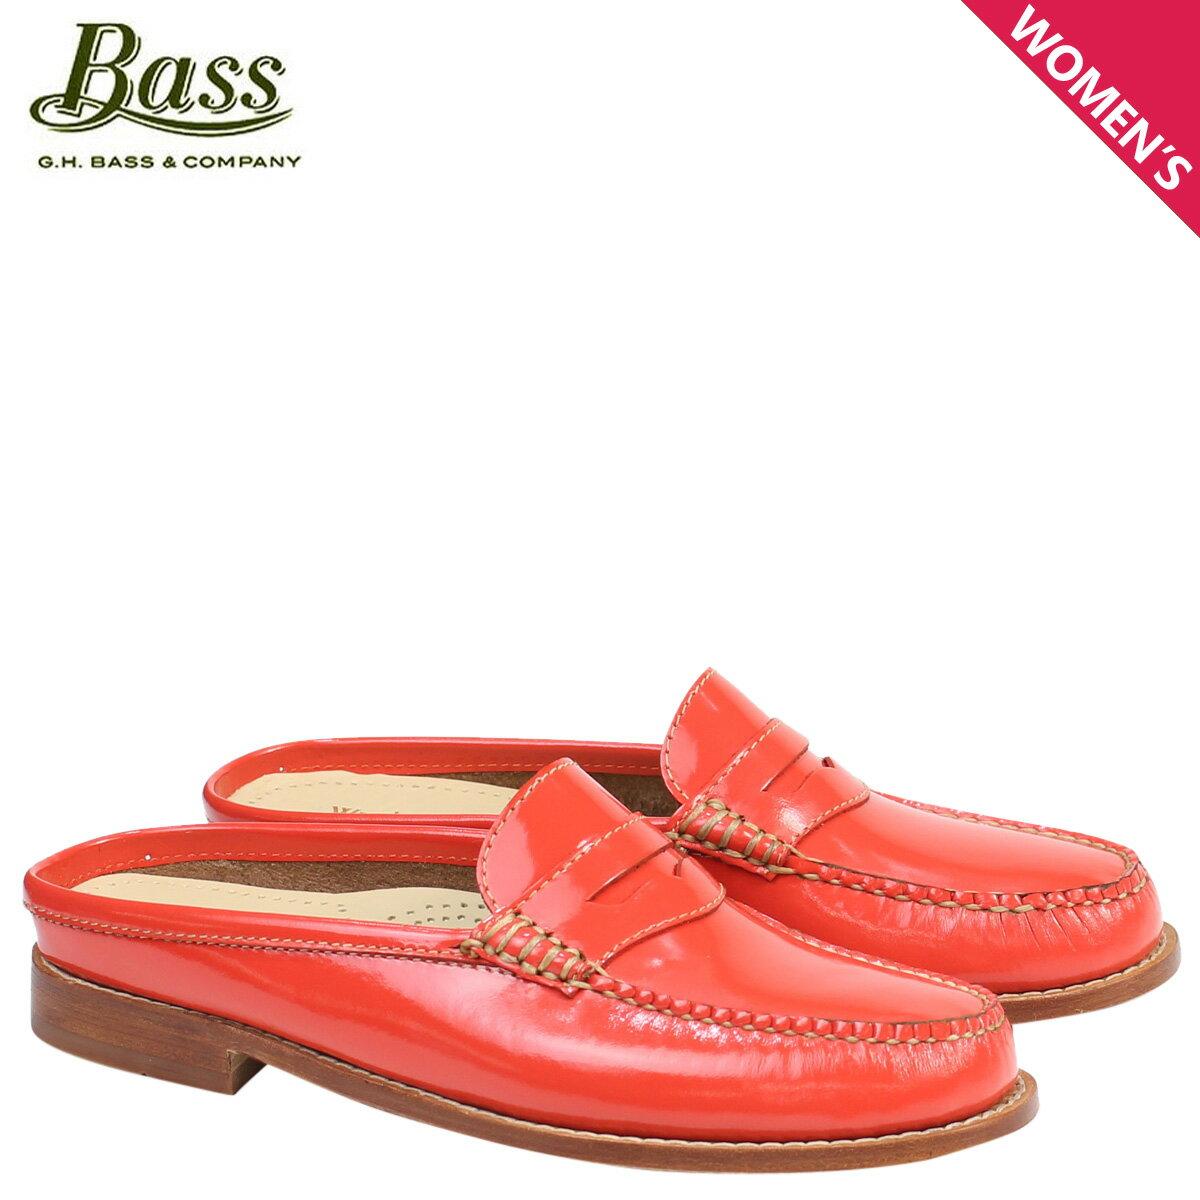 ジーエイチバス ローファー G.H. BASS レディース サンダル スリッパ バブーシュ WYNN PATENT LEATHER MULE WEEJUNS 71-22859 靴 オレンジ [176]